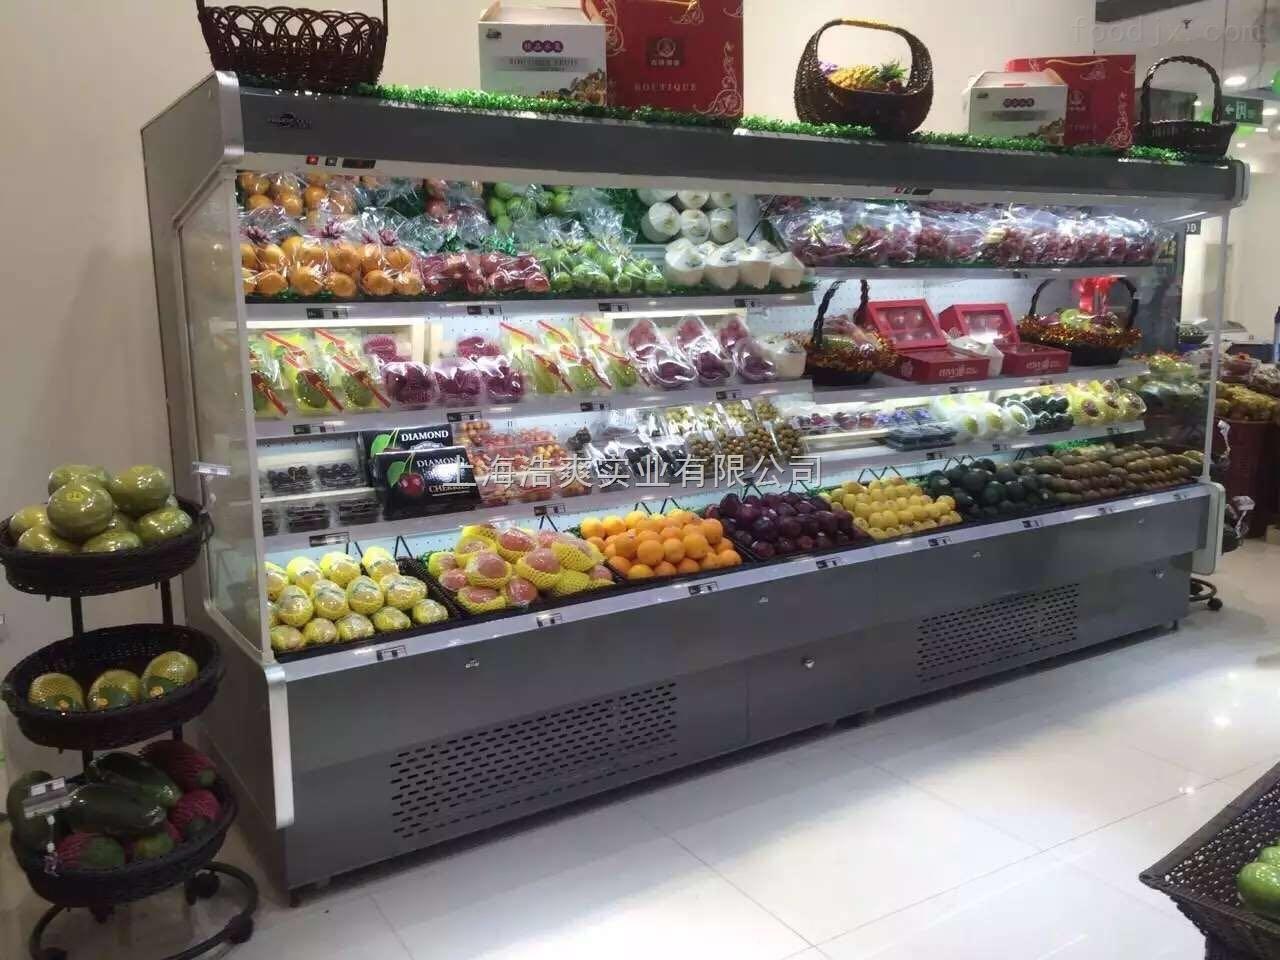 """超市水果蔬菜风幕柜 在前期,我们刚刚向市场推这款风幕柜的时候,也未曾没有客户问过:""""好贵,你们的产品能不能便宜点""""我通常的回答都是:""""没错,因为好,所以贵!产品贵在品质,人贵在品味!产品的质量在于您的选择!世上没有花最少的钱却能买到最好产品的事情;至于价格,我只能说,我不能给您最低的价格,我只能给您最高的品质,我宁可为价格解释一阵子,也不愿意为质量道歉一辈子""""。"""